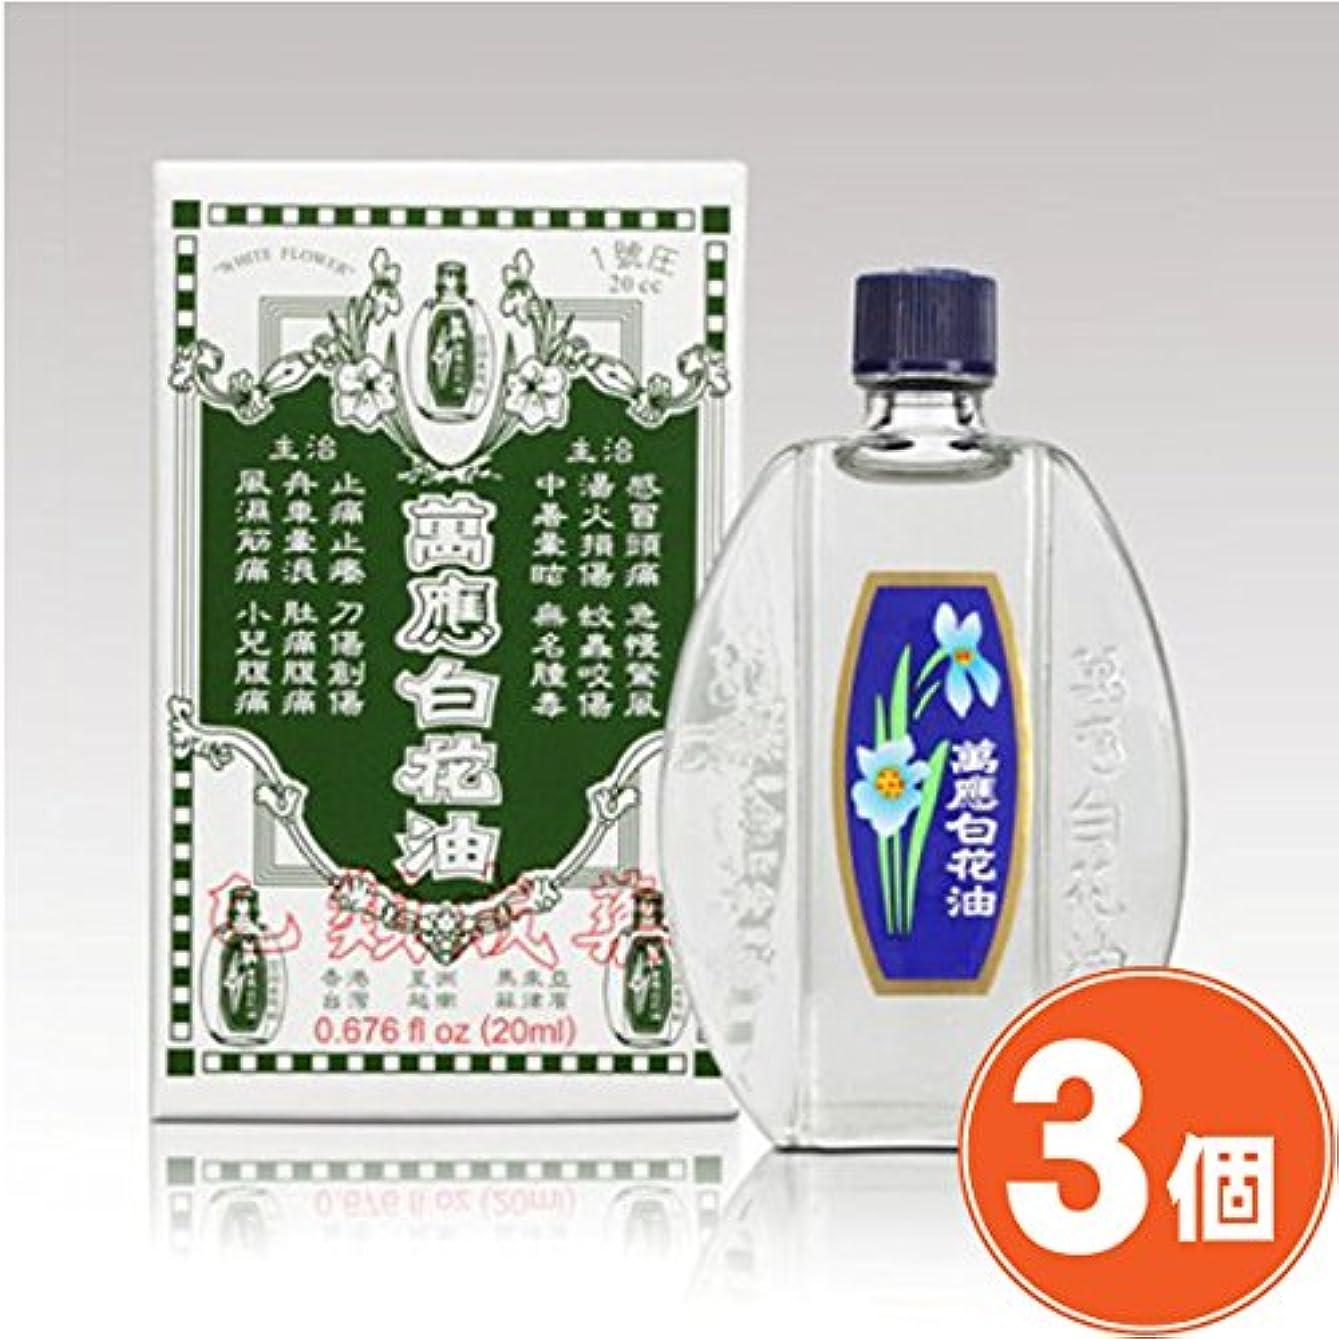 警察署粗いアクセル《萬應白花油》 台湾の万能アロマオイル 万能白花油 20ml × 3個《台湾 お土産》 [並行輸入品]